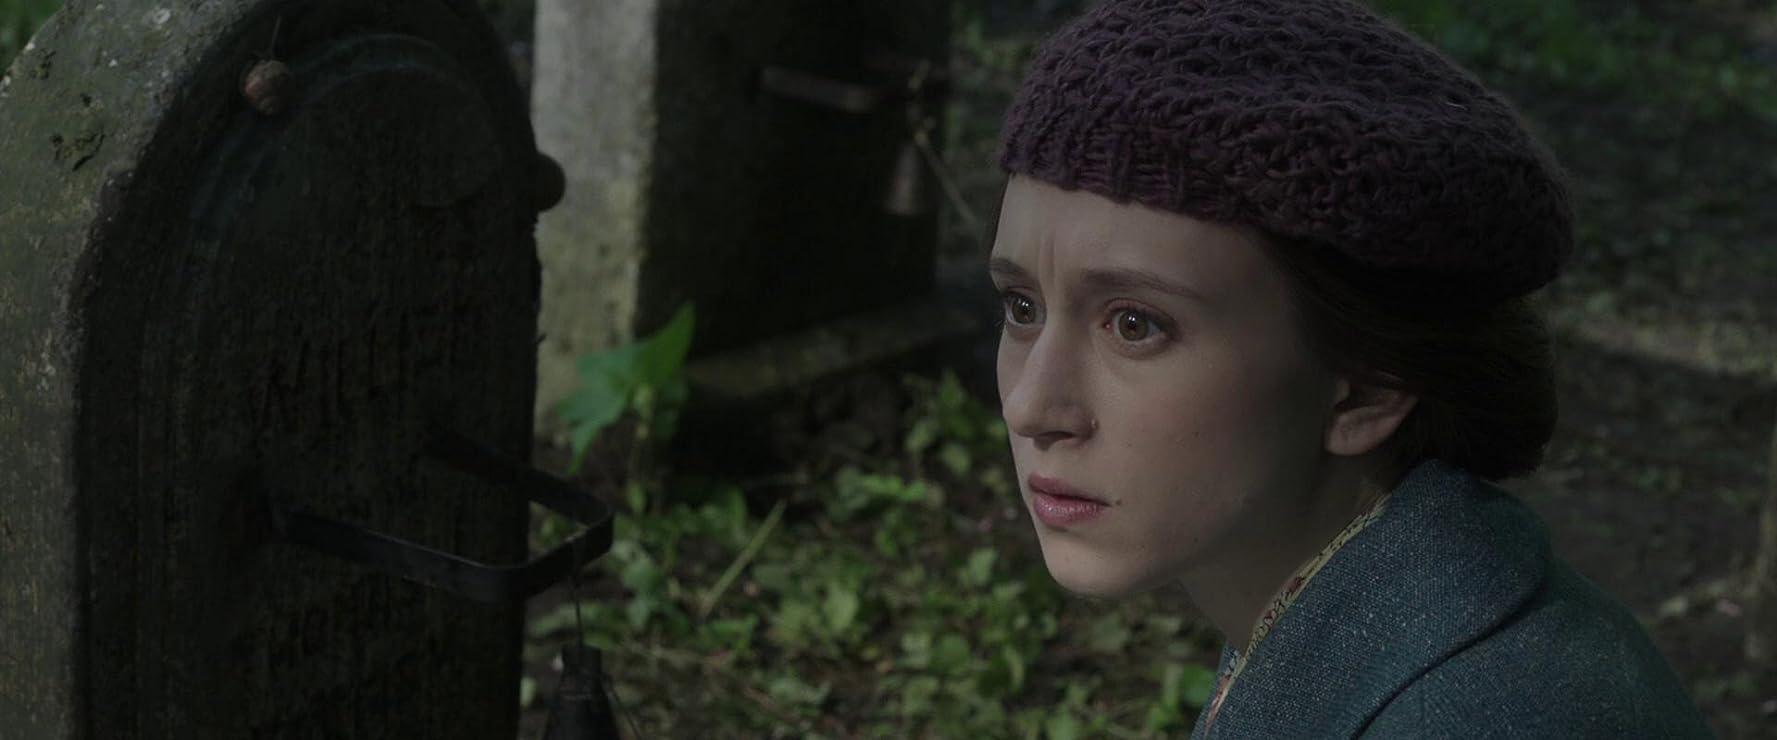 Taissa Farmiga in The Nun (2018)